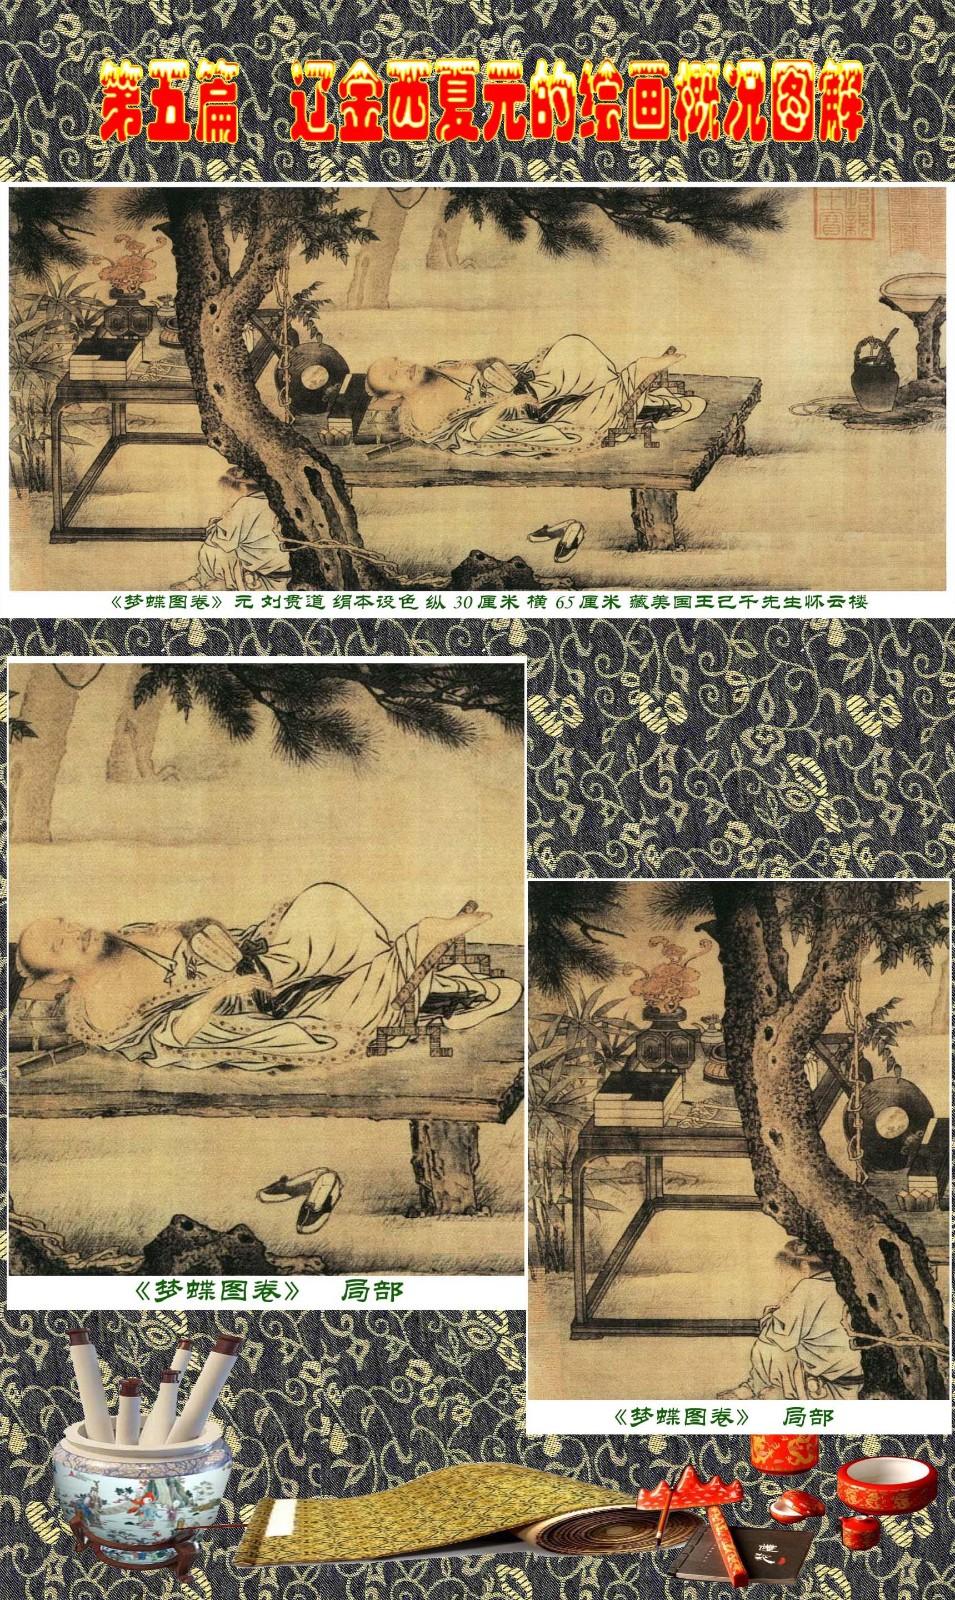 顾绍骅编辑 中国画知识普及版 第五篇 辽金西夏元的绘画概况 下 ... ..._图1-19